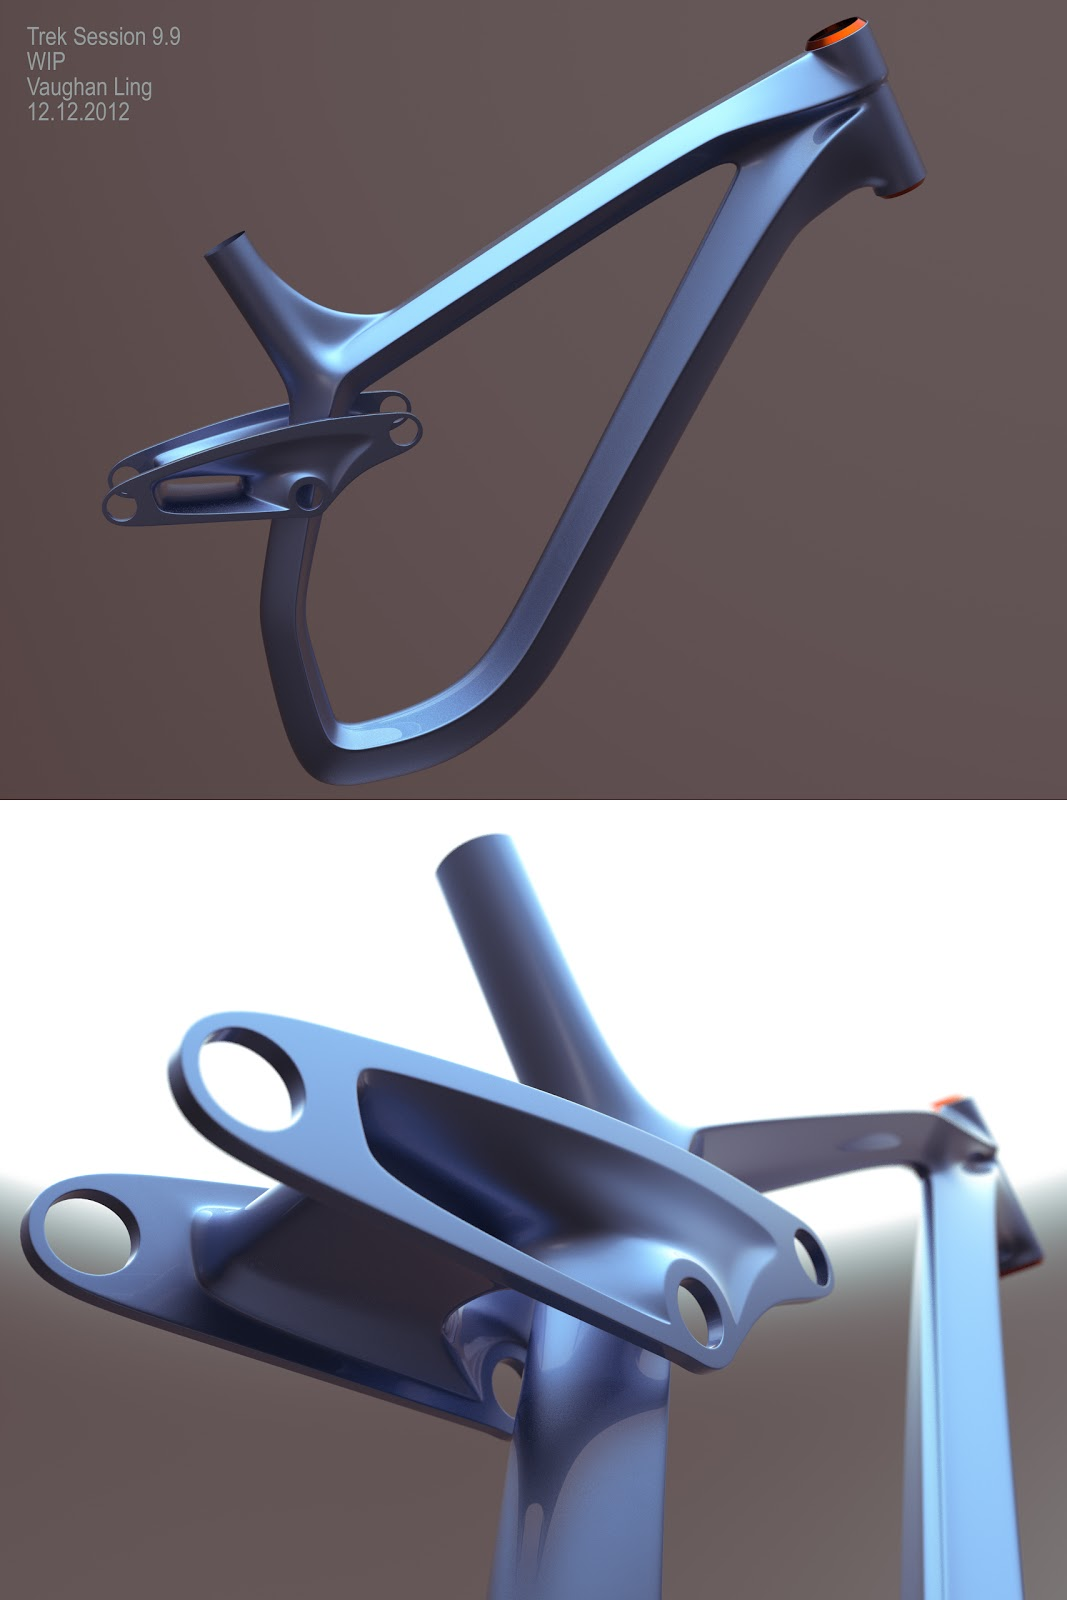 target zero gravity chair blue velvet tufted v ling